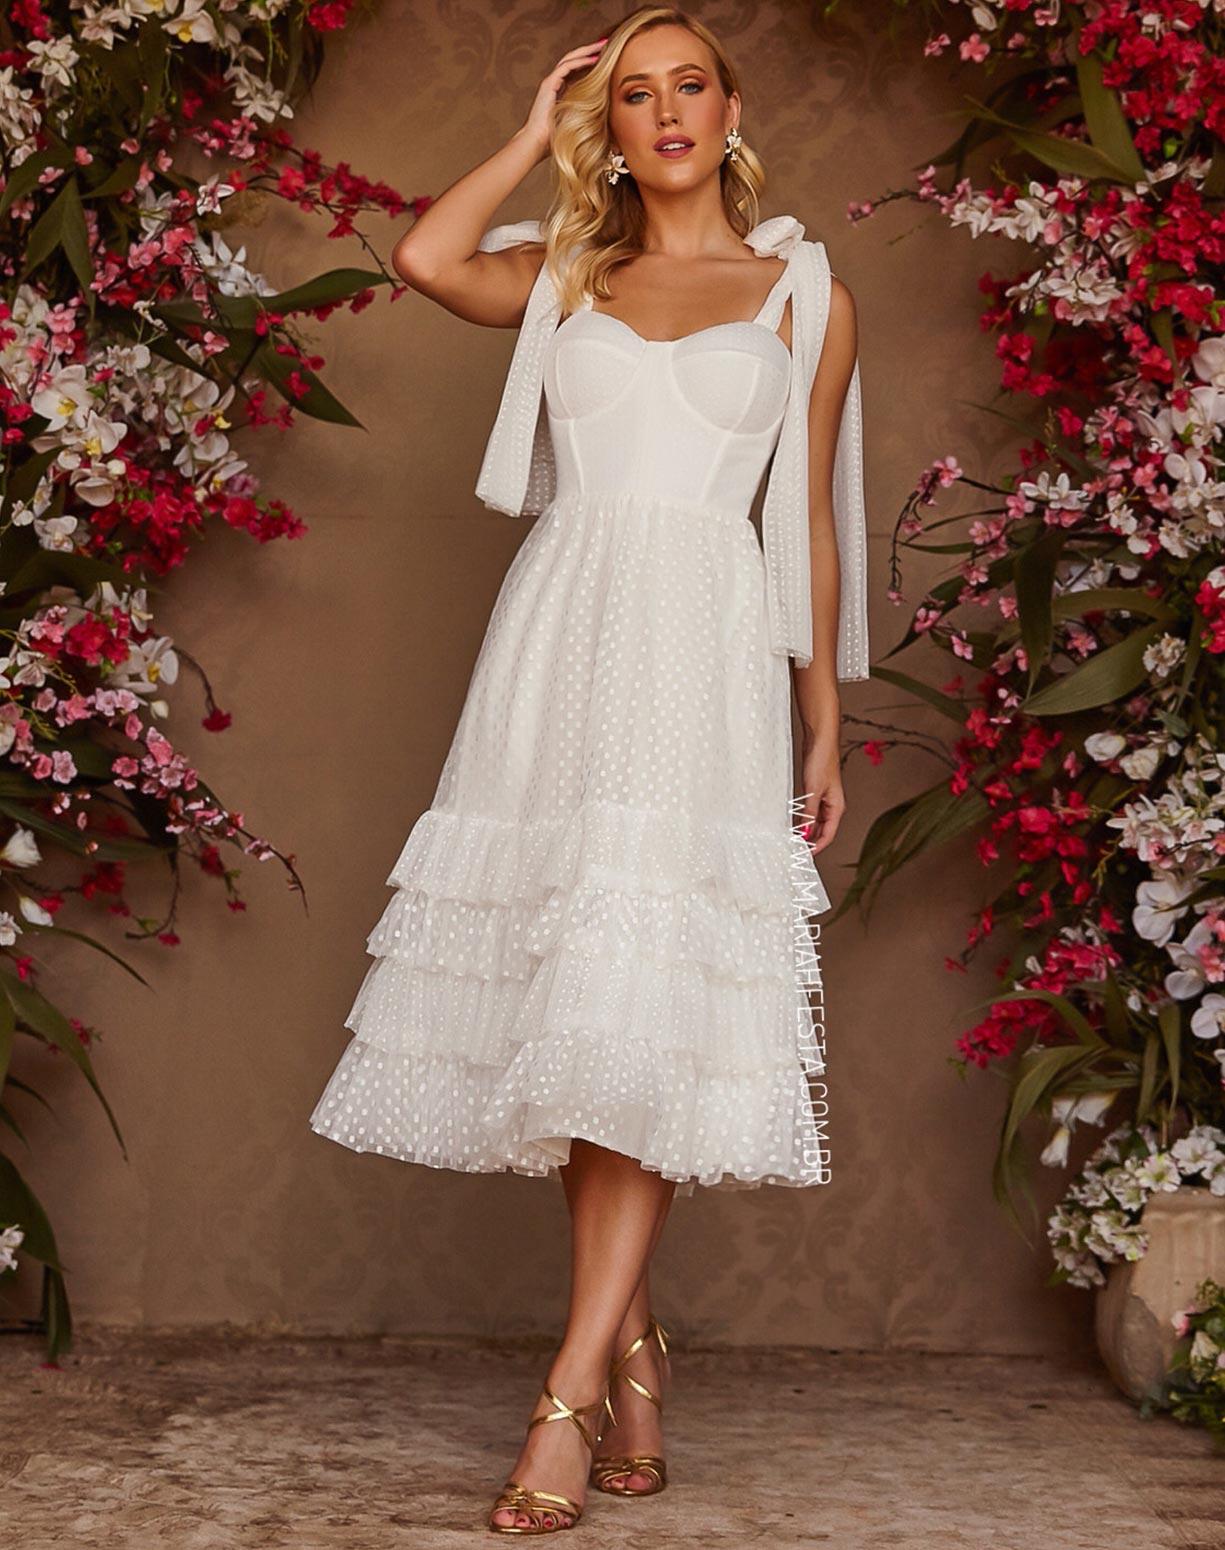 Vestido Midi Branco com Textura em Mini Poás